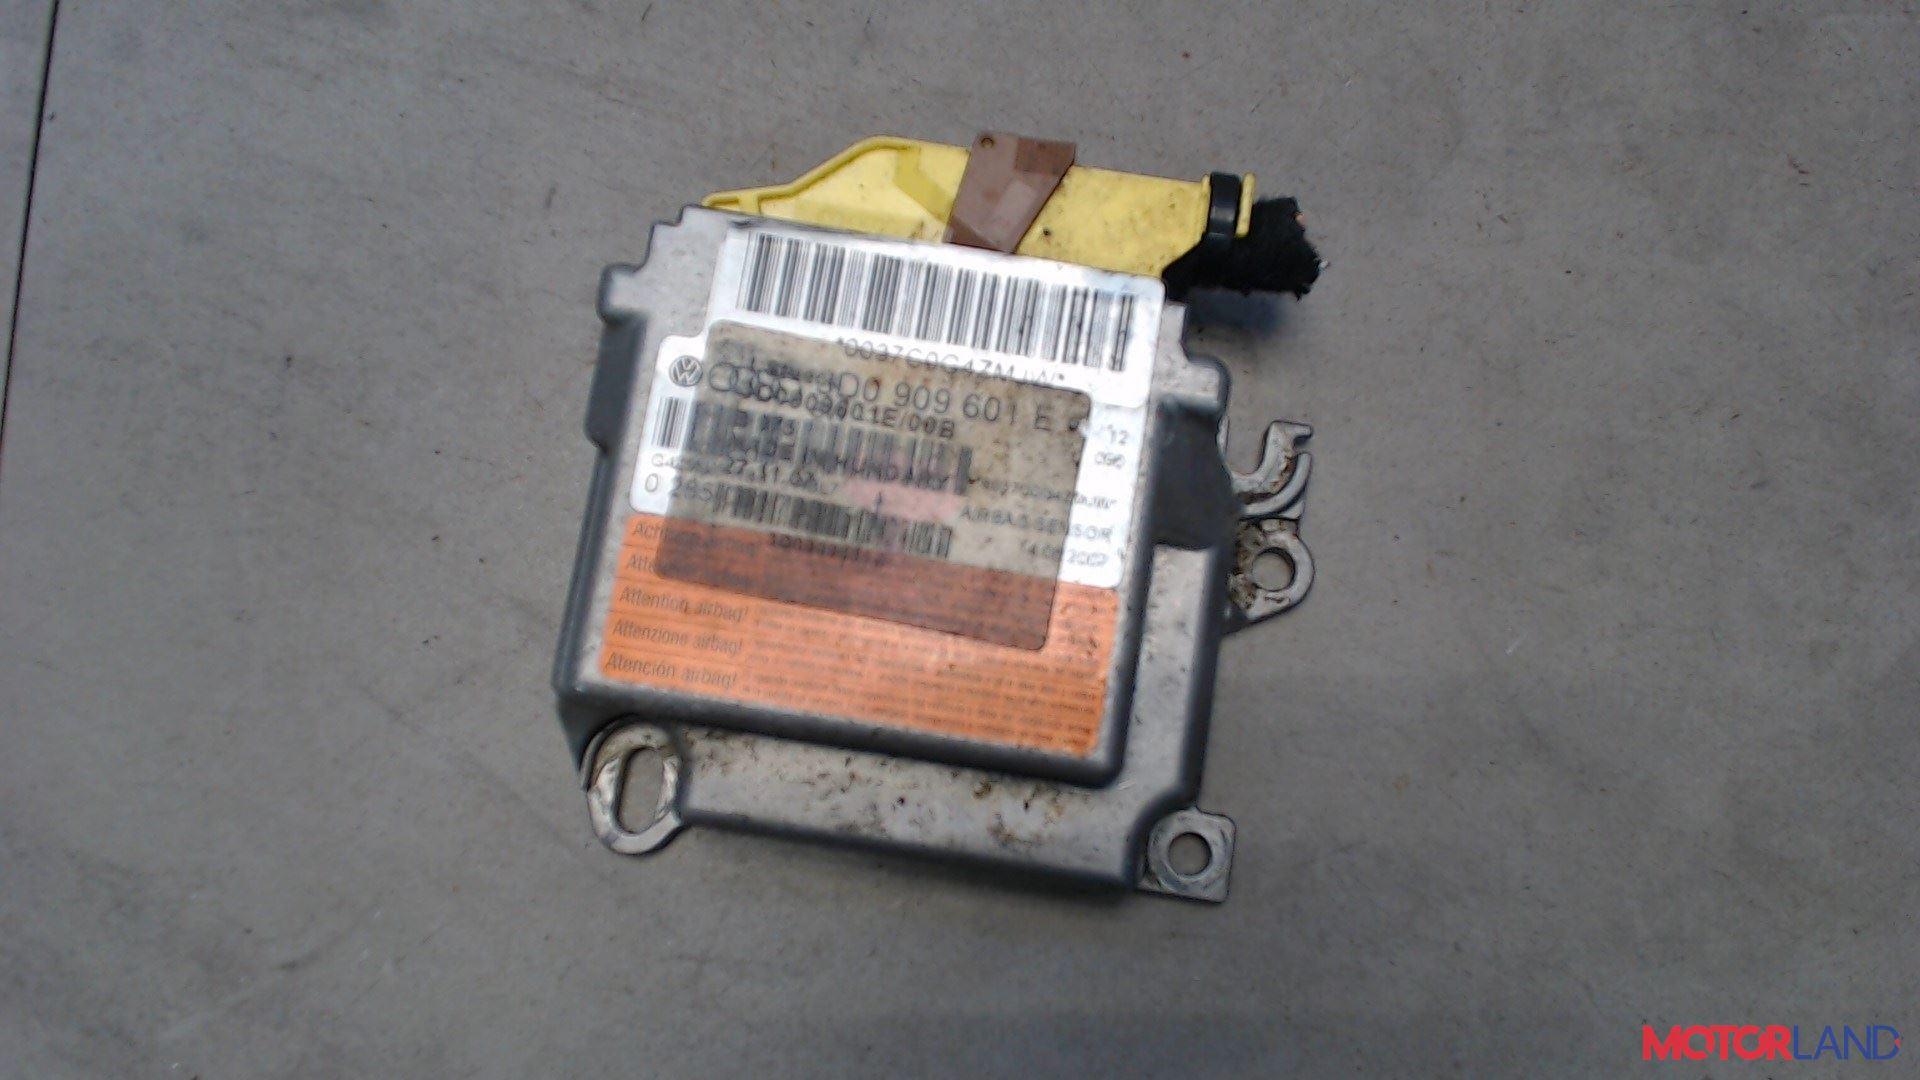 Блок управления (ЭБУ) Volkswagen Touareg 2002-2007 2.5 л. 2005 BAC б/у #1